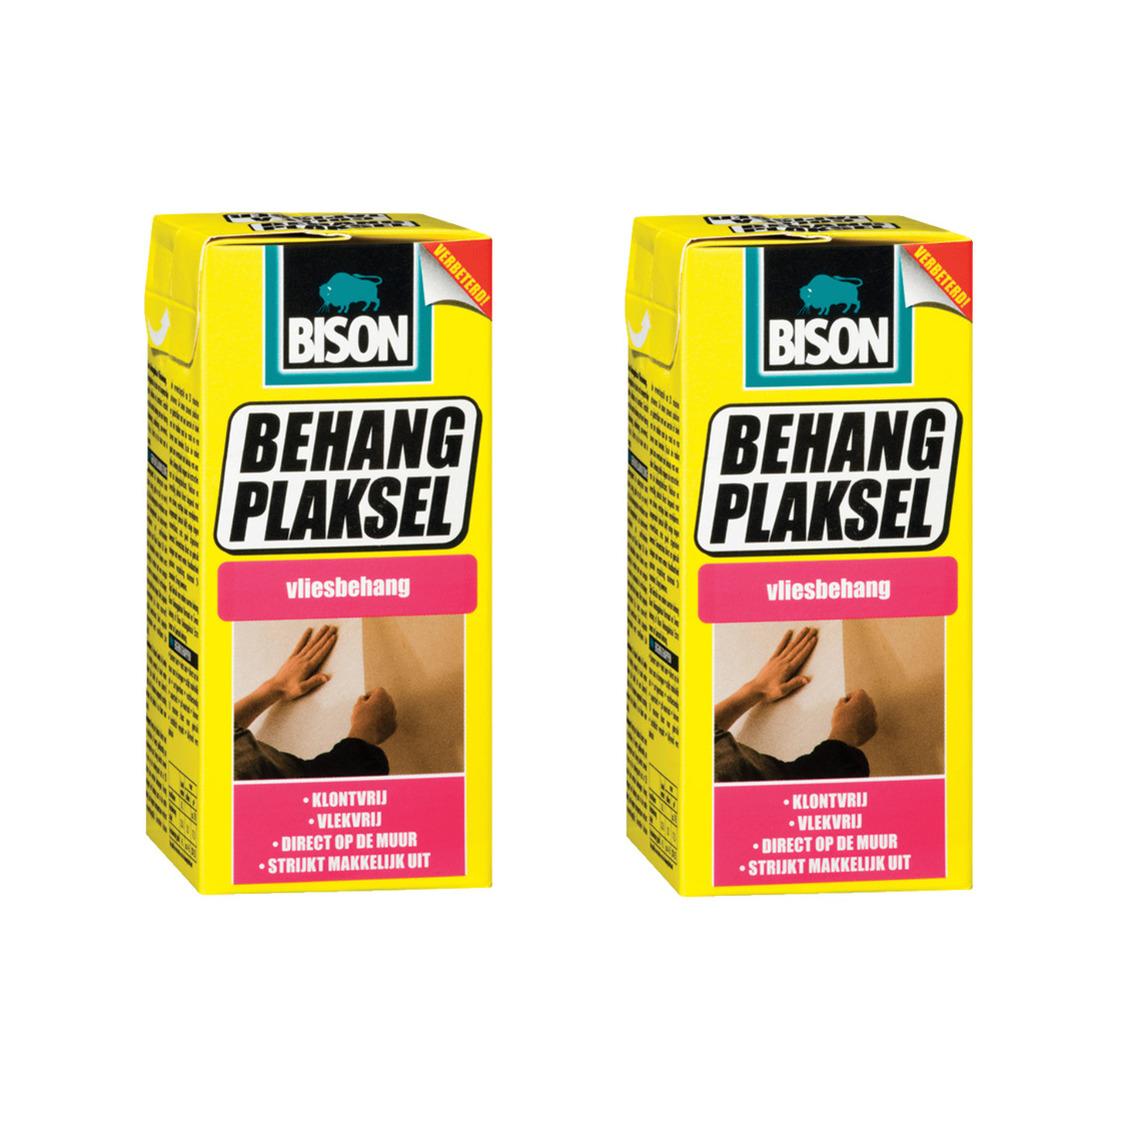 4x pakken Bison behanglijm voor vliesbehang 200 gram